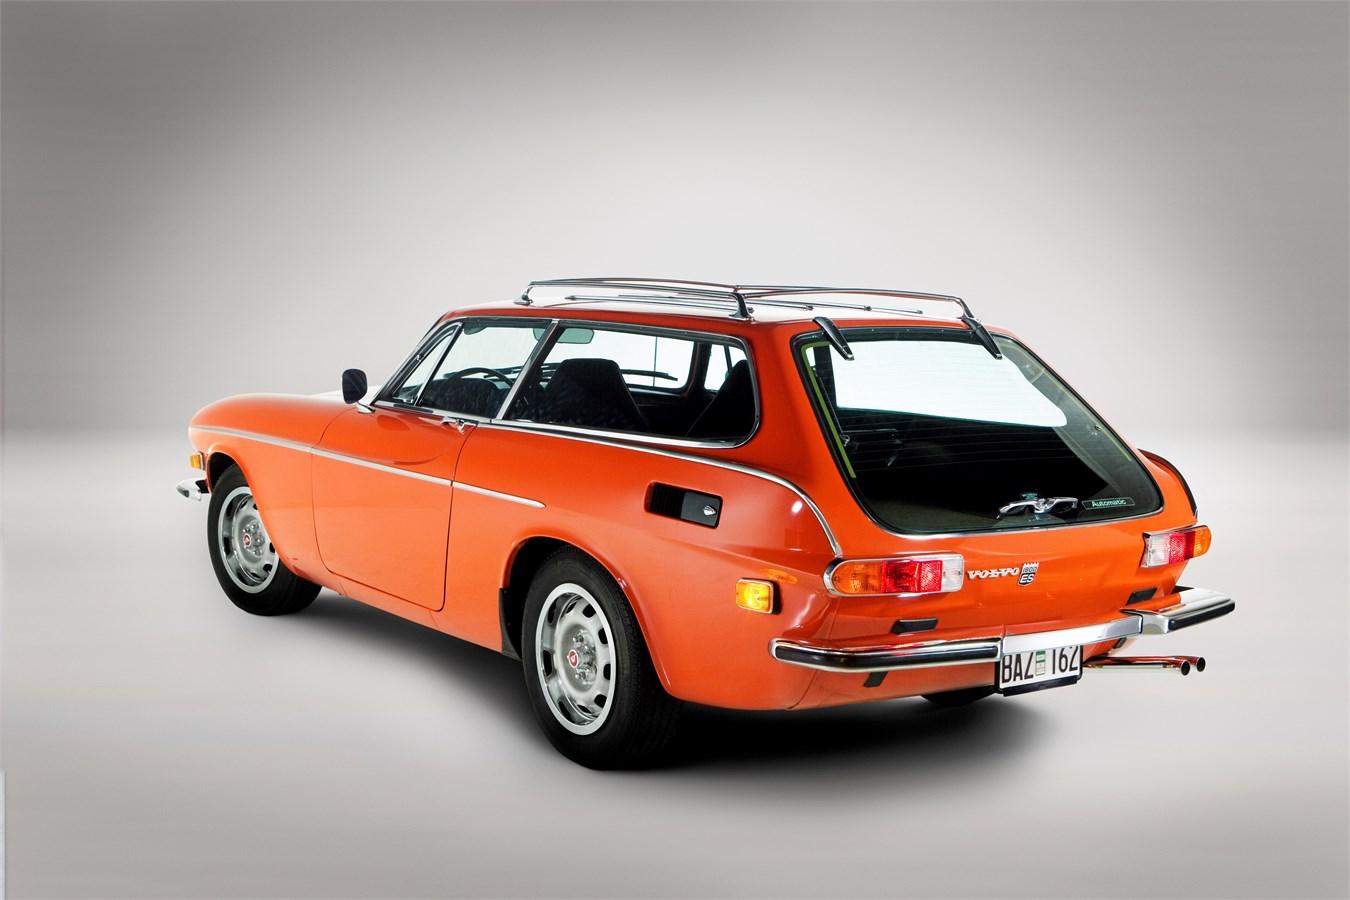 Moores Volvo 2018 Volvo Reviews